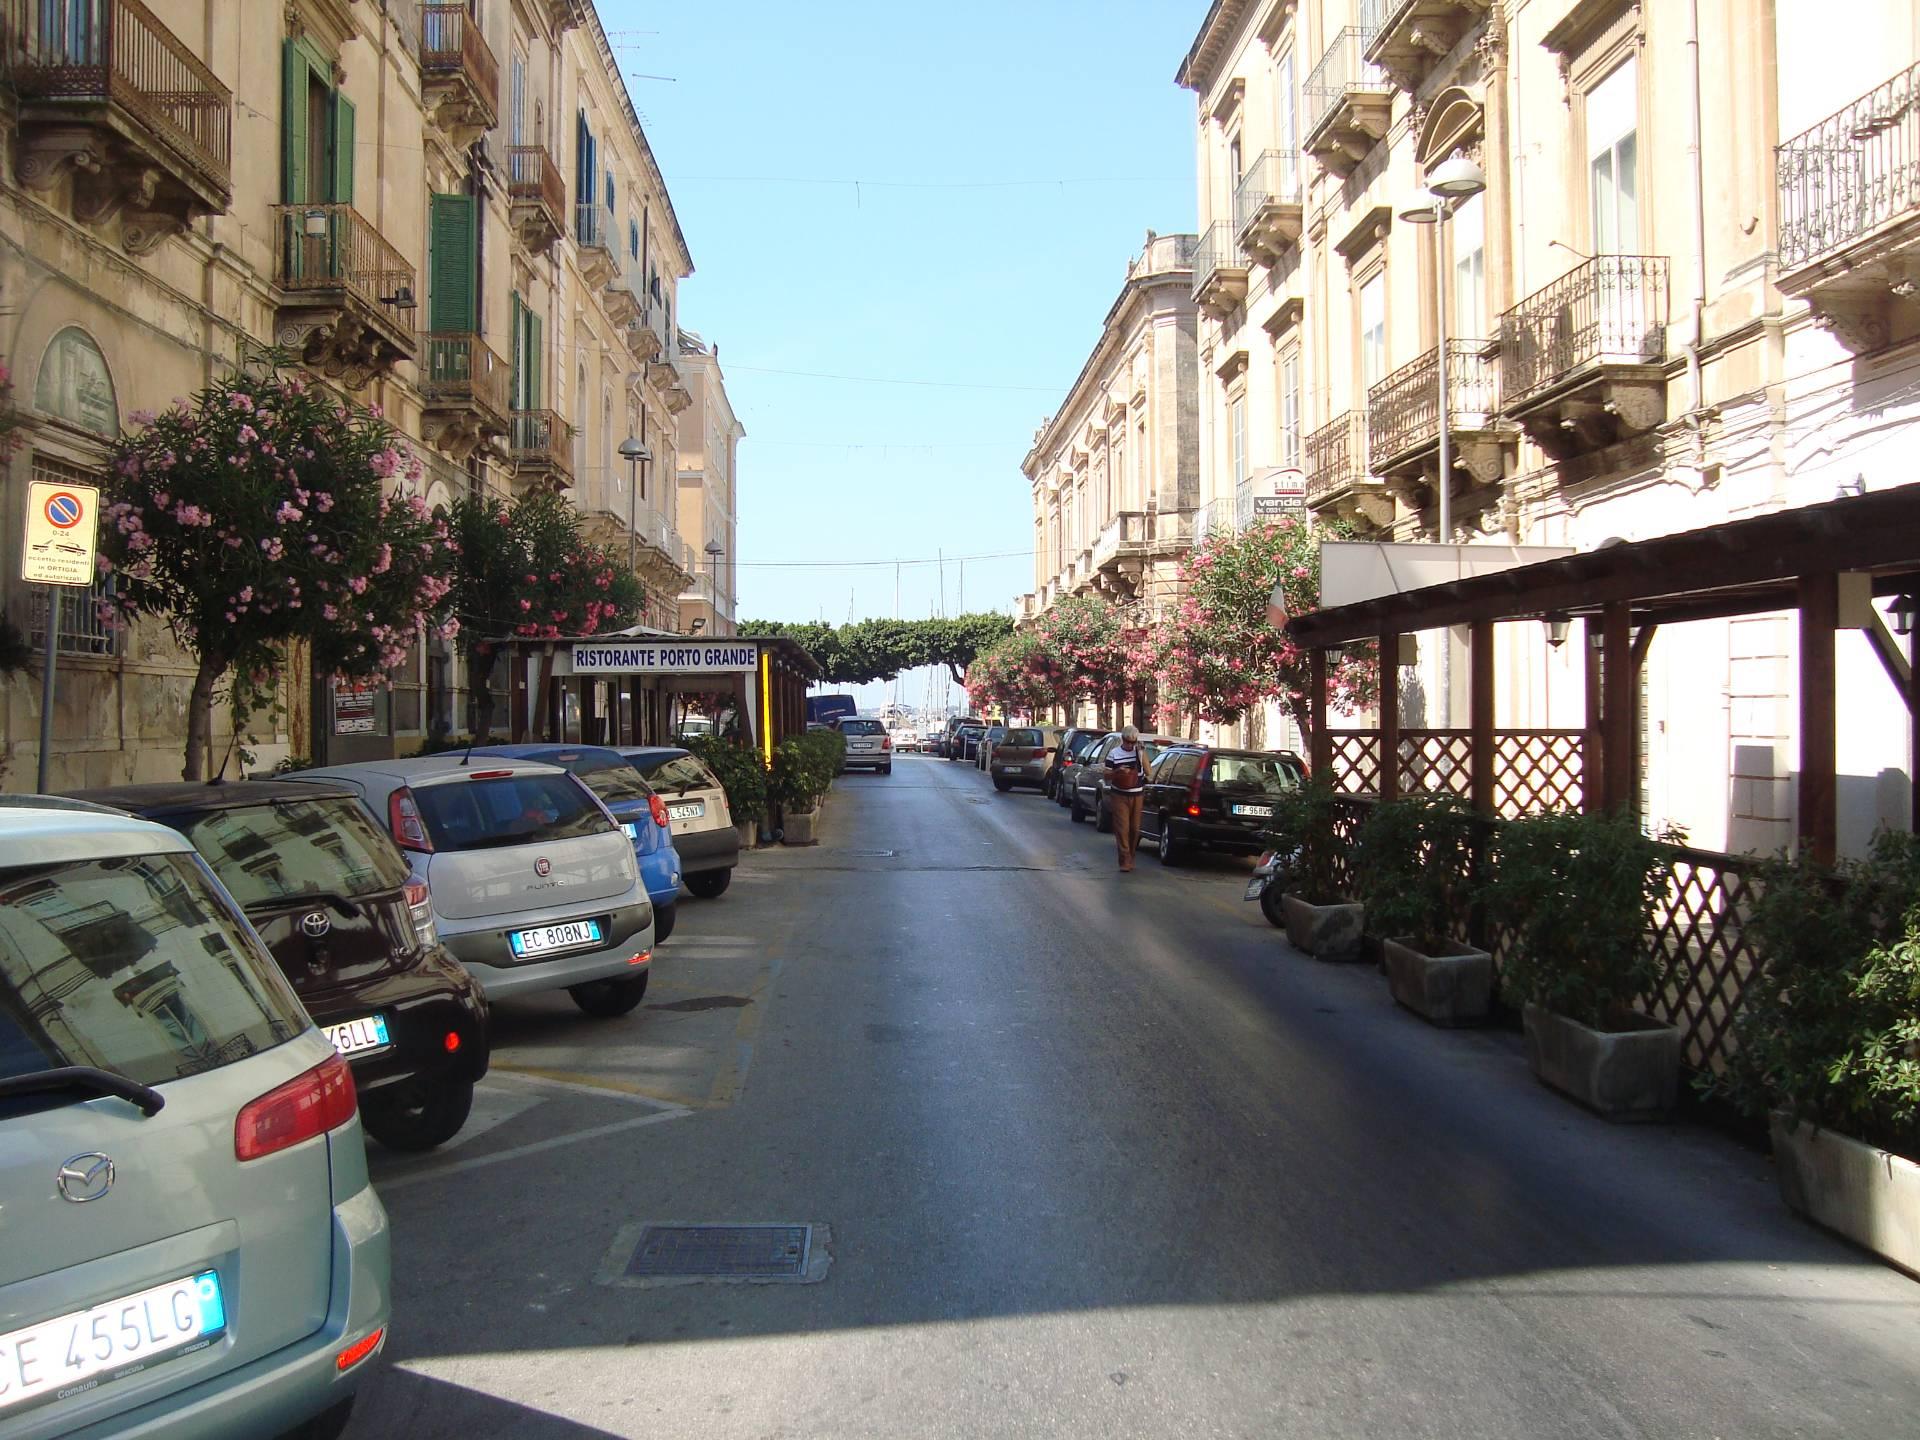 Negozio / Locale in vendita a Siracusa, 9999 locali, zona Zona: Ortigia, prezzo € 98.000 | Cambio Casa.it